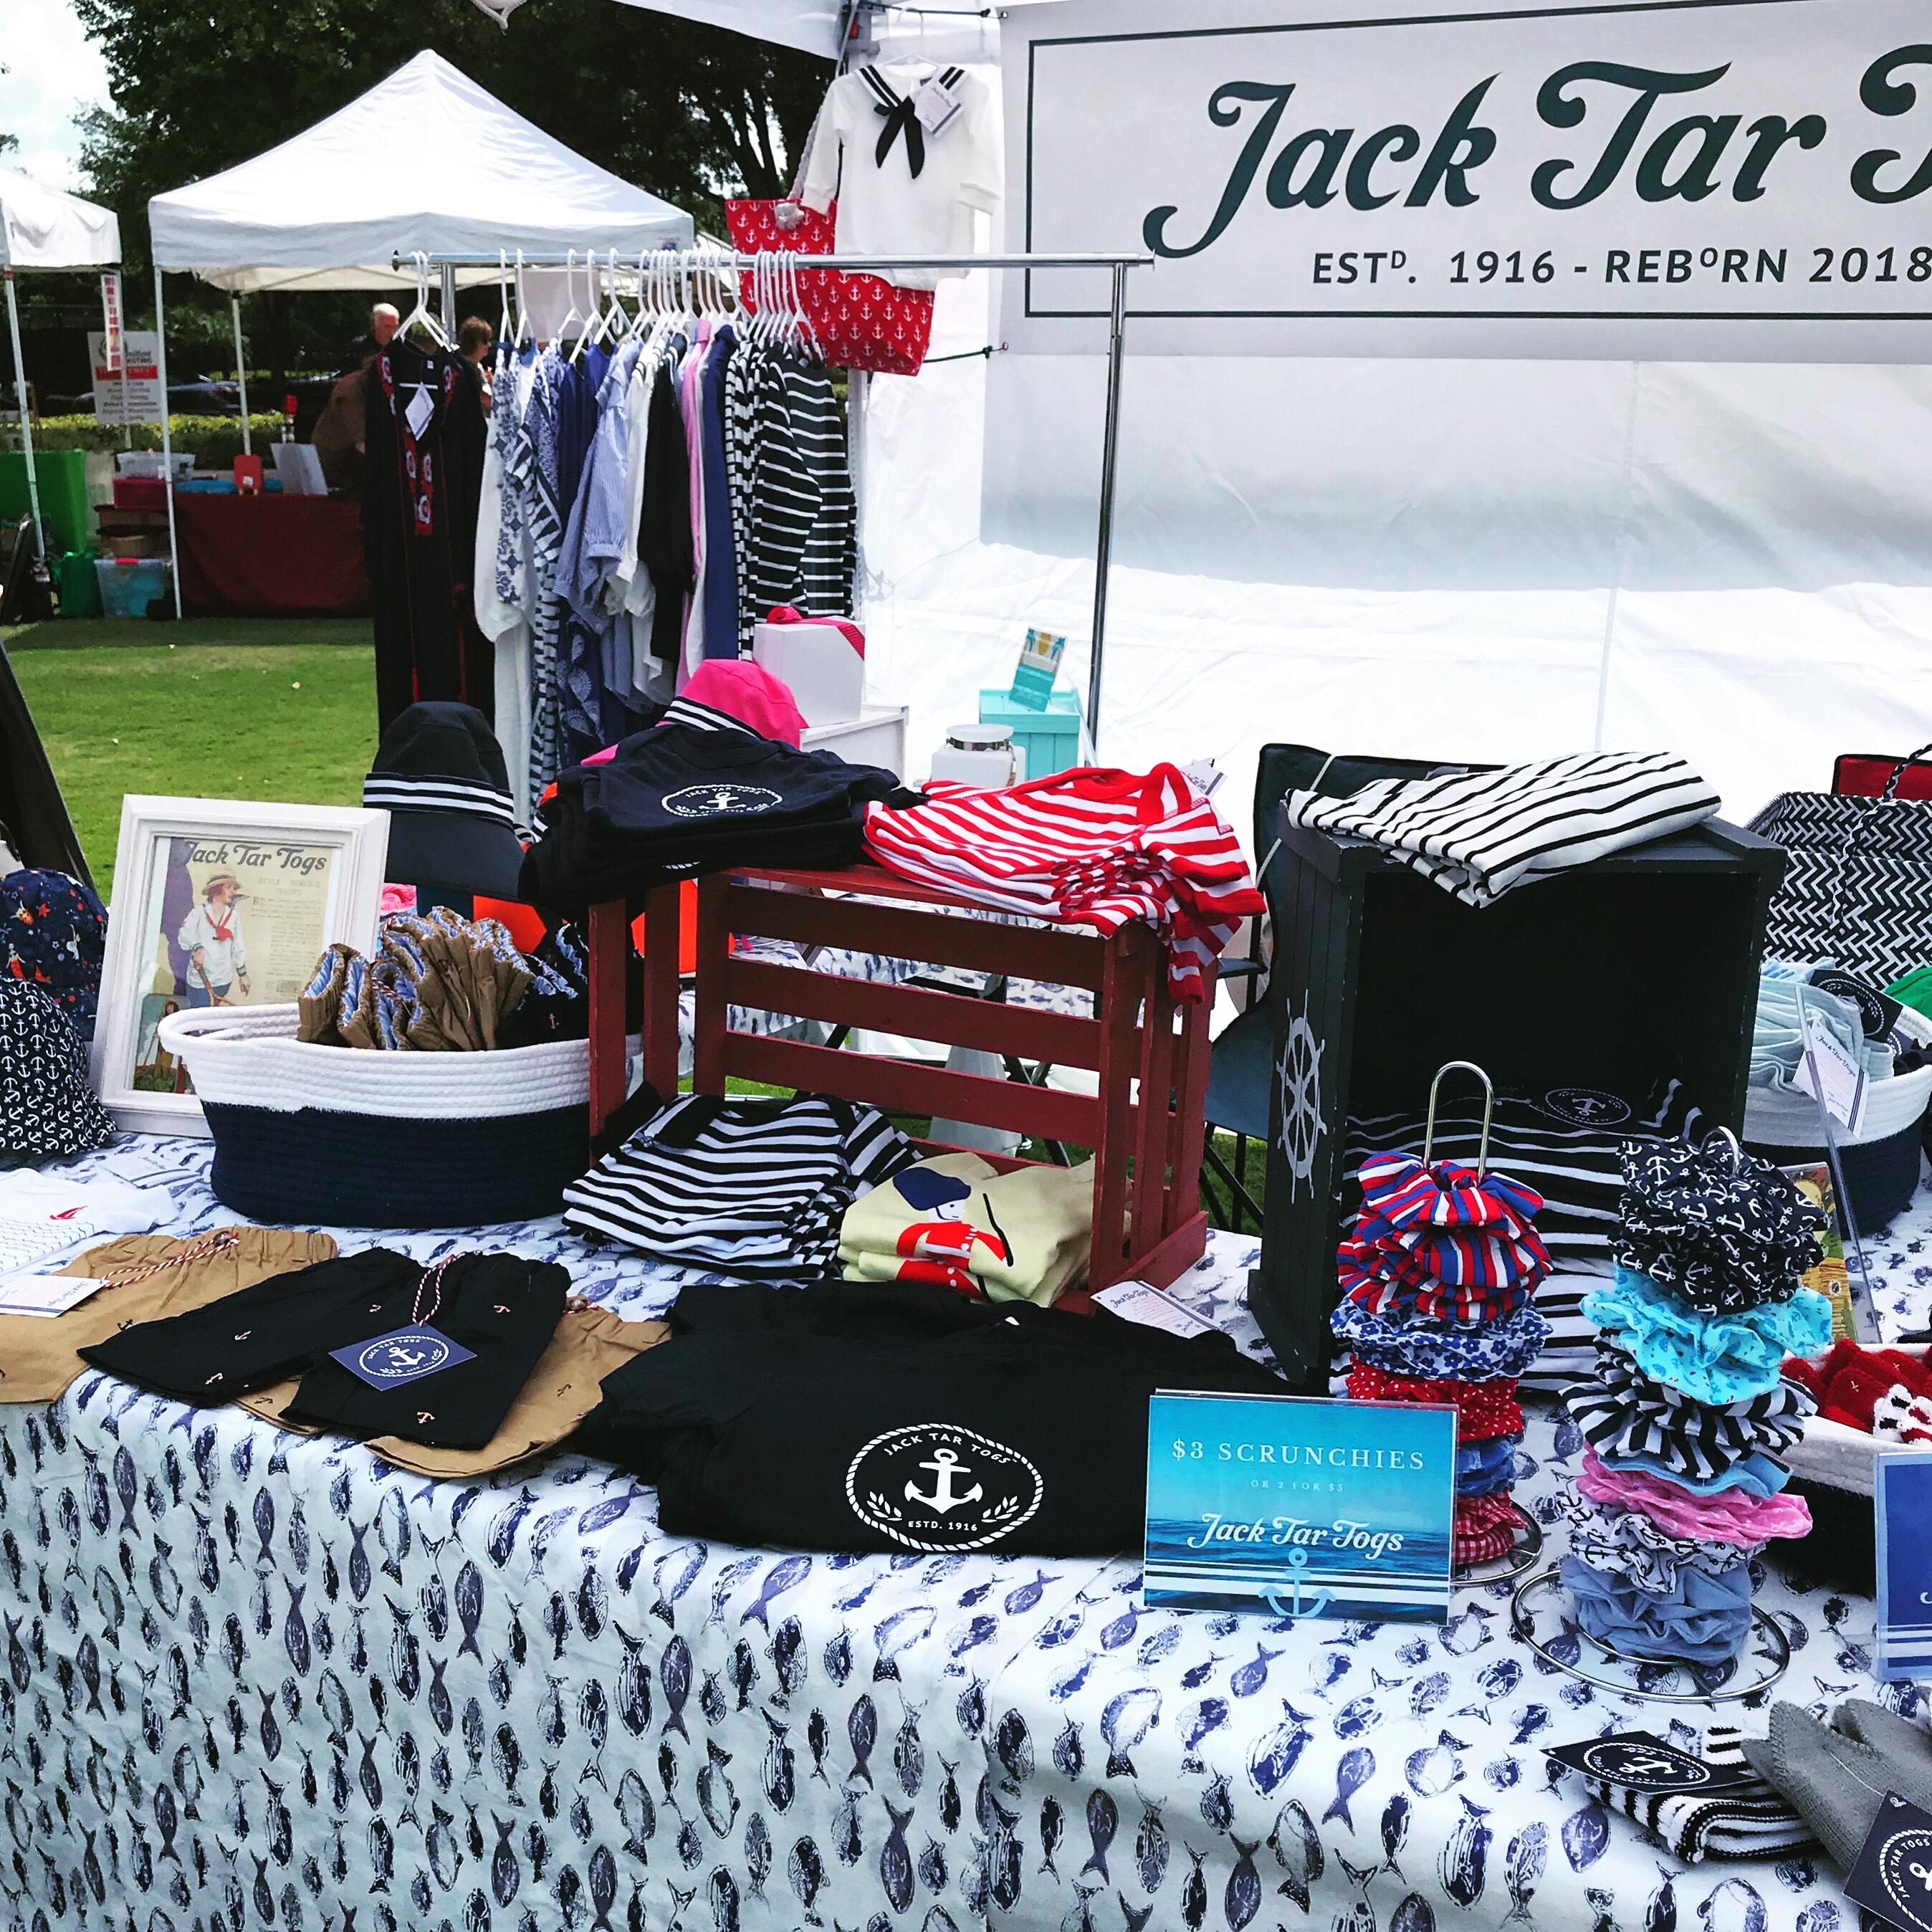 Jack Tar Togs Market